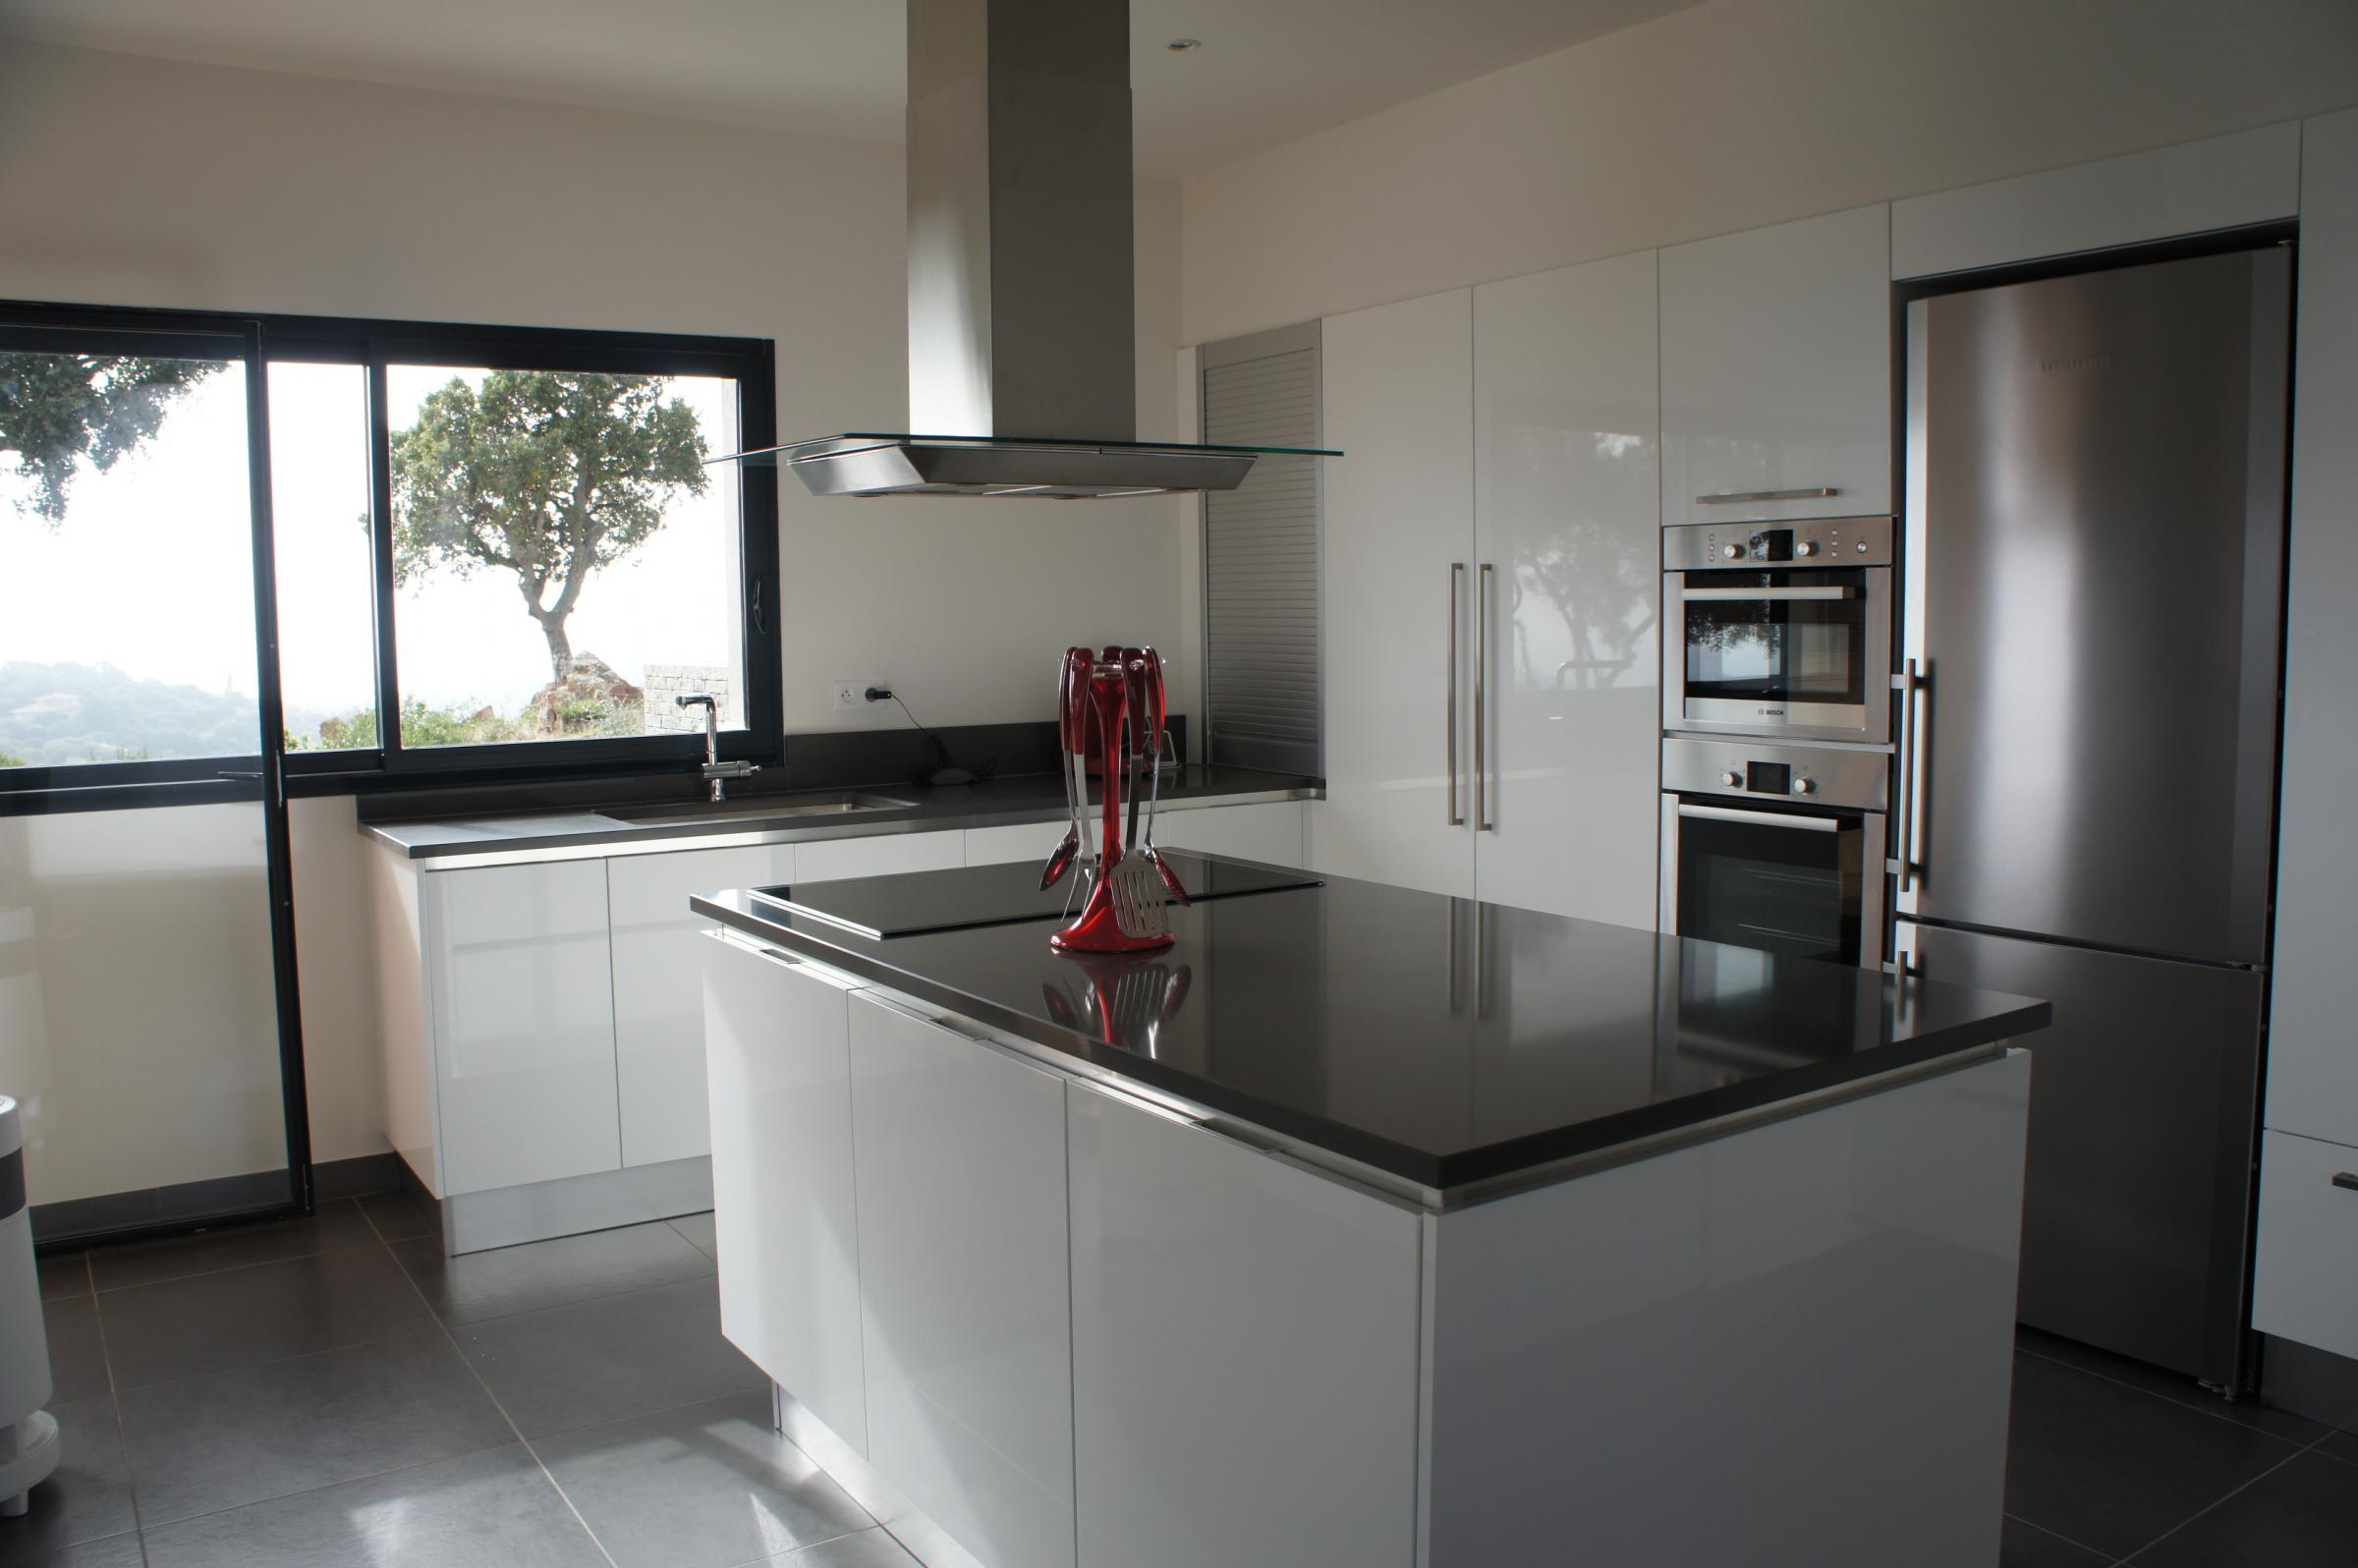 Maisons + Terrains du constructeur XXL CREATION • 80 m² • SAINT GENIS DES FONTAINES